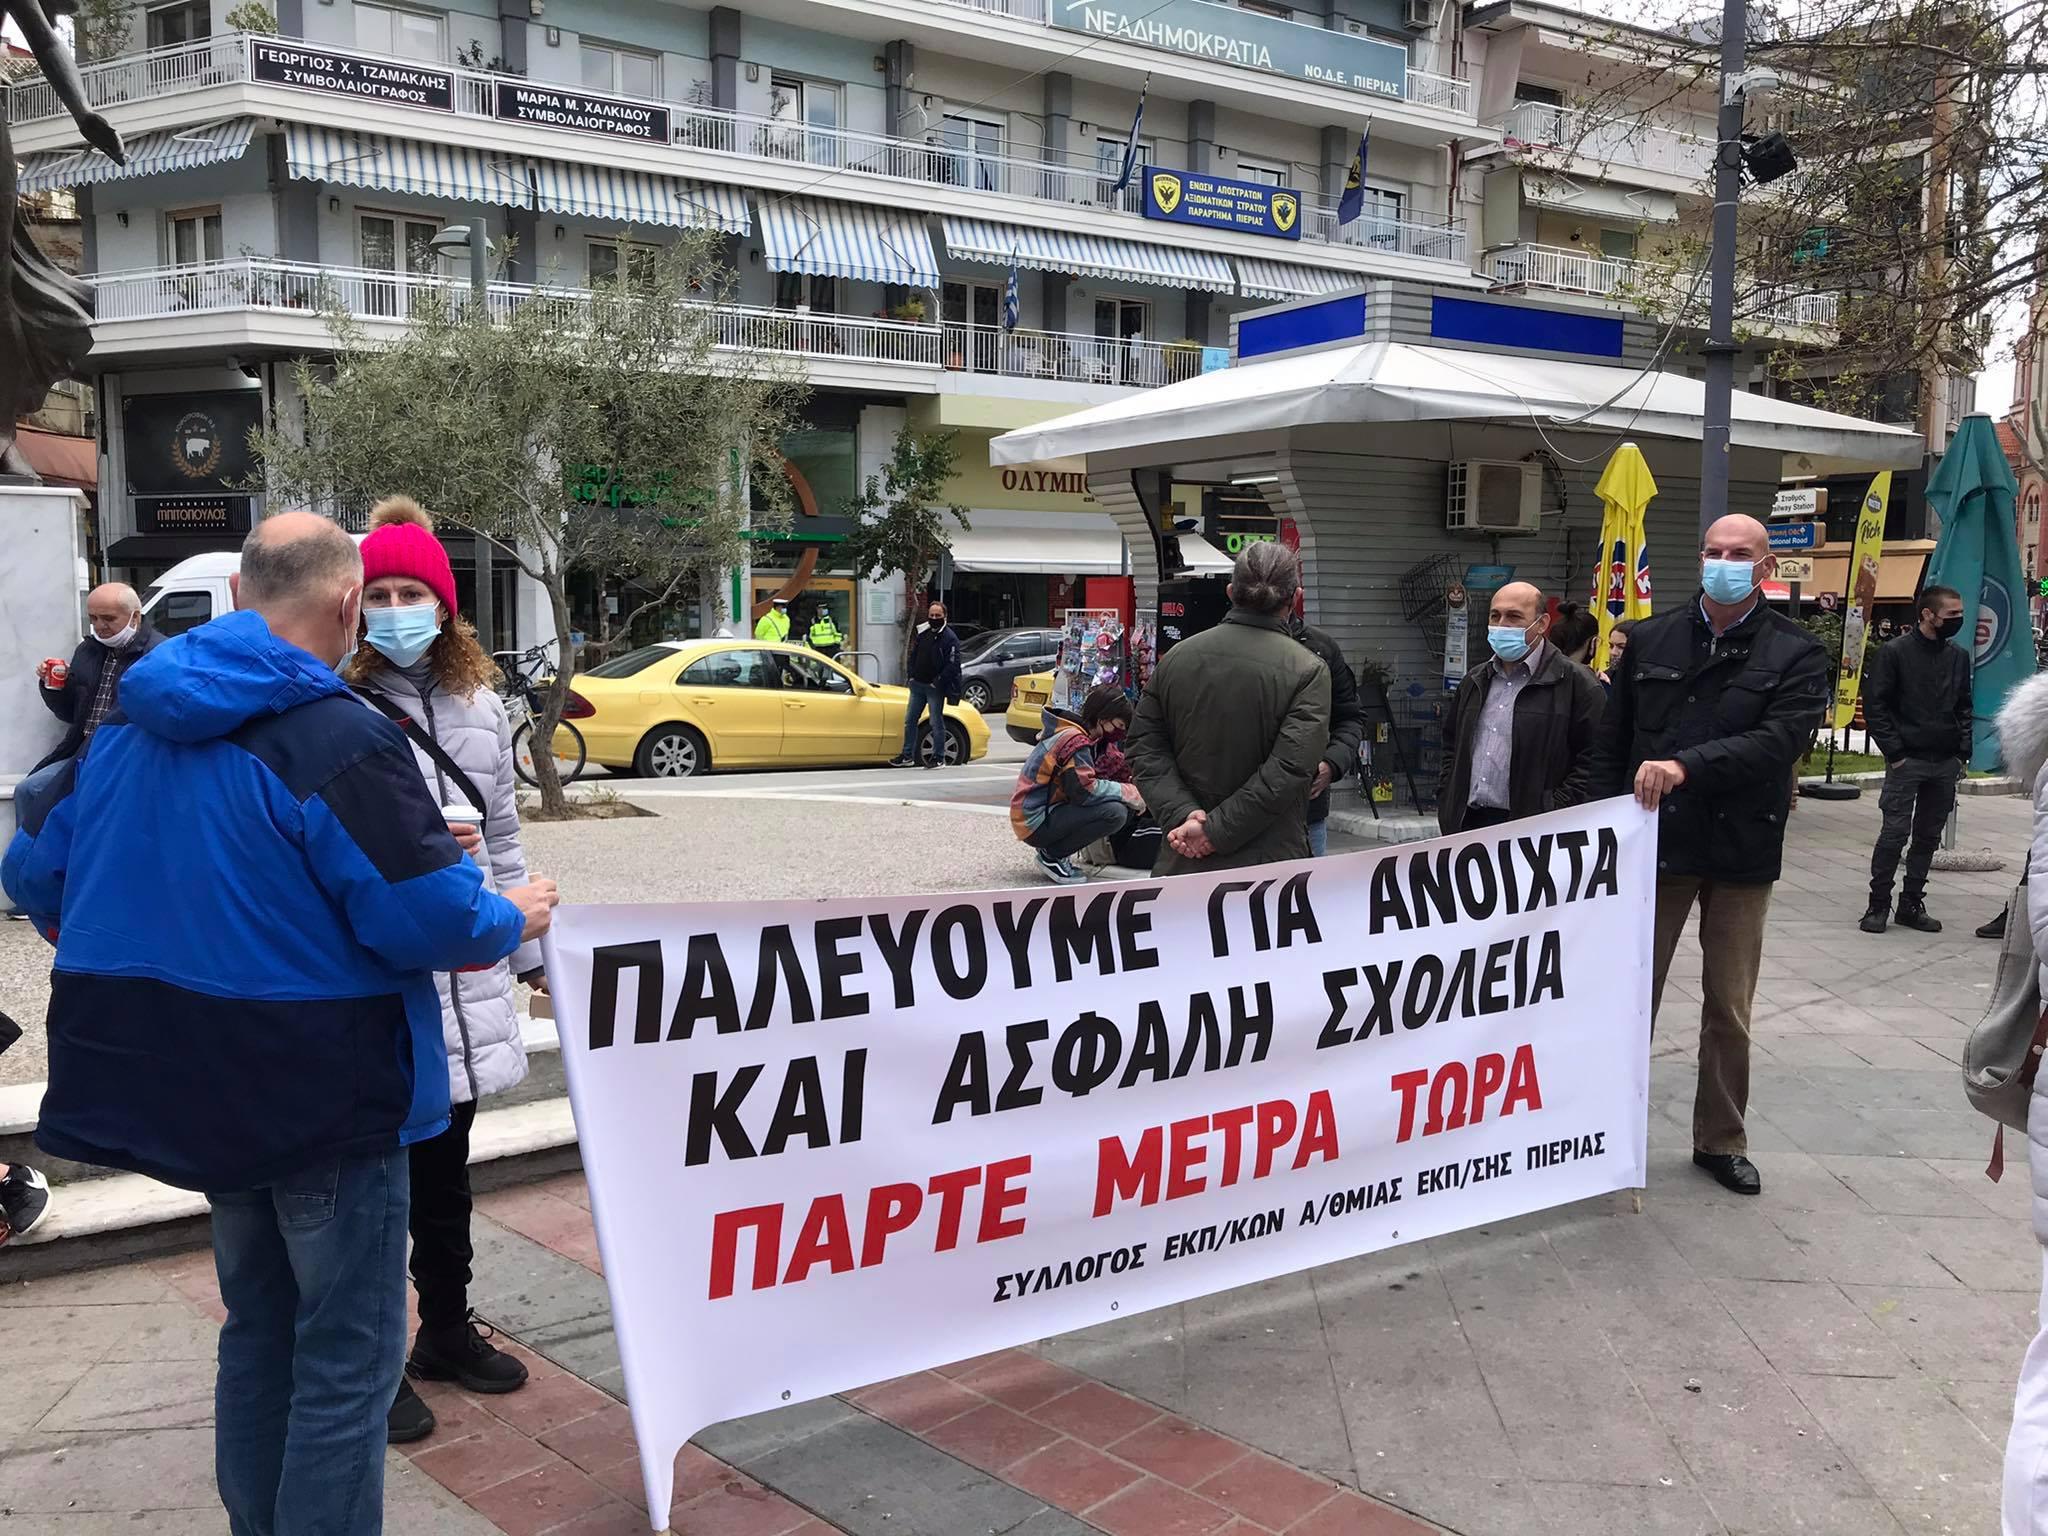 Διαμαρτυρία Φοιτητών, Μαθητών Και Εκπαιδευτικών